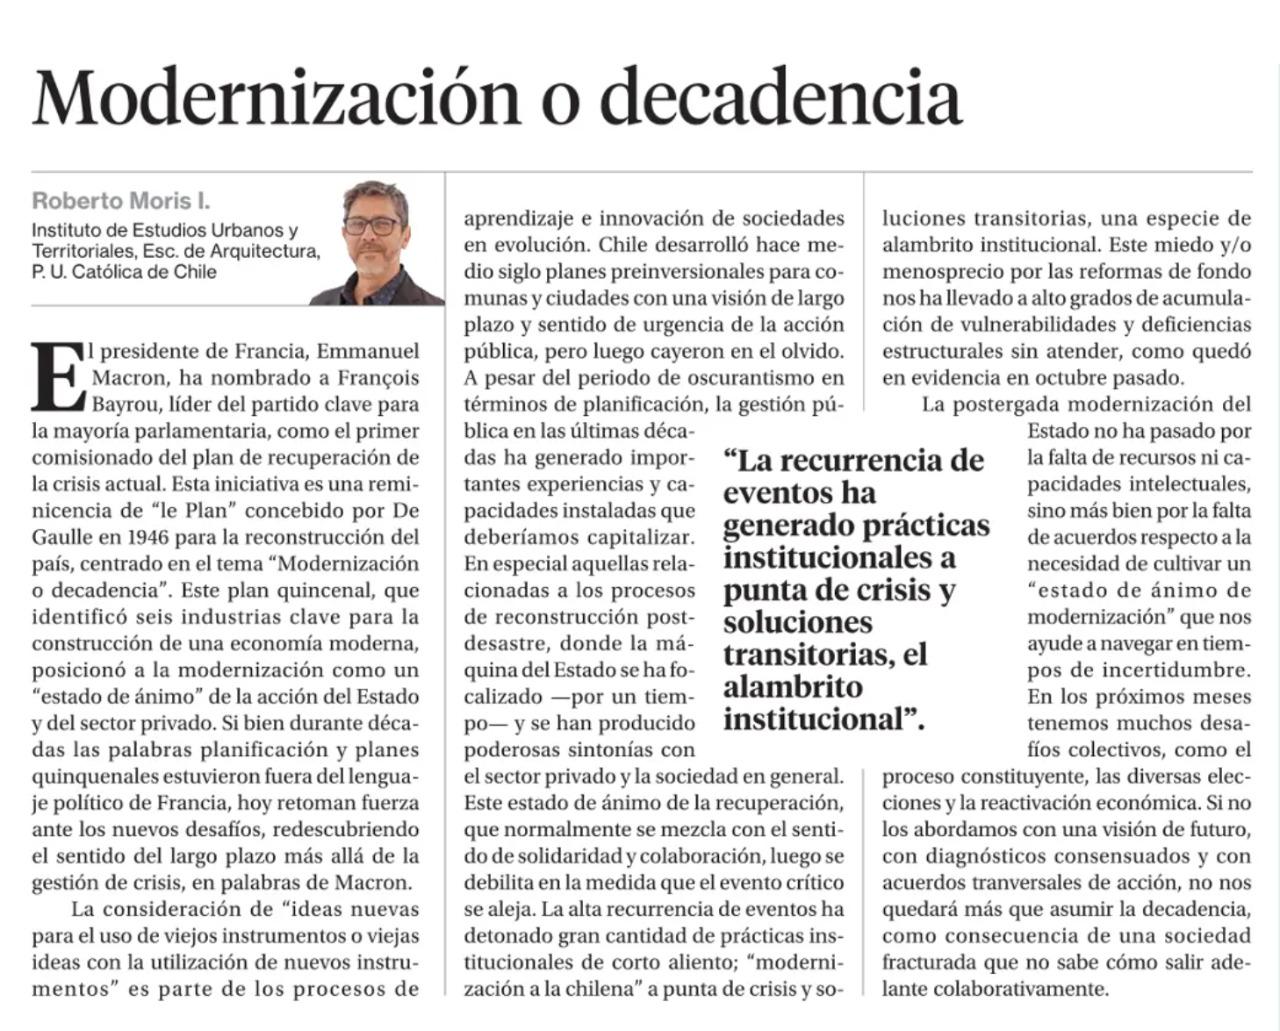 La Segunda: Modernización o decadencia